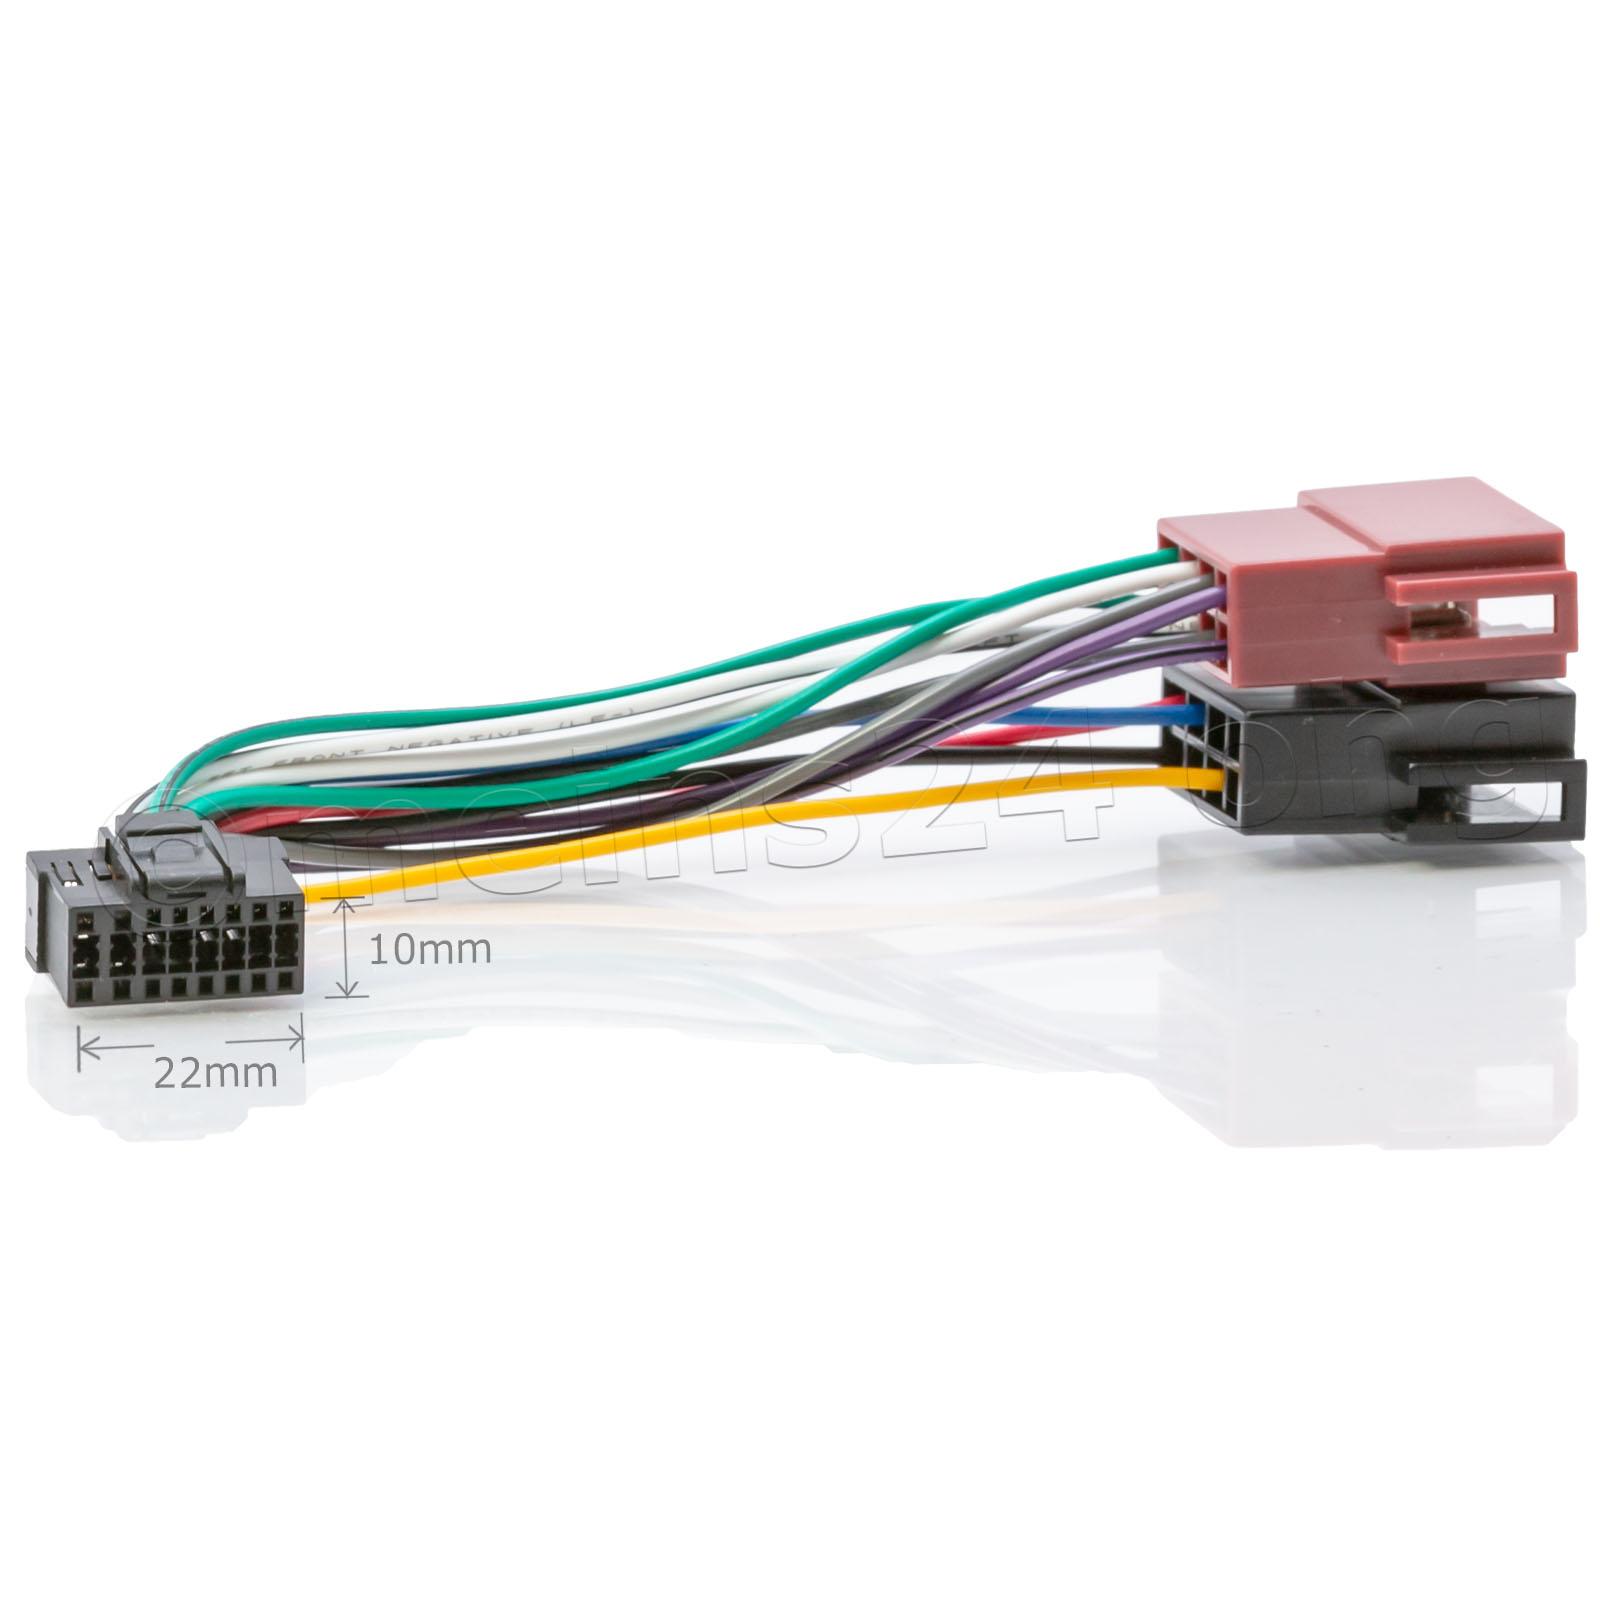 Anschlusskabel passend für SONY Autoradio 16pol. 23x10mm - XR-Serie